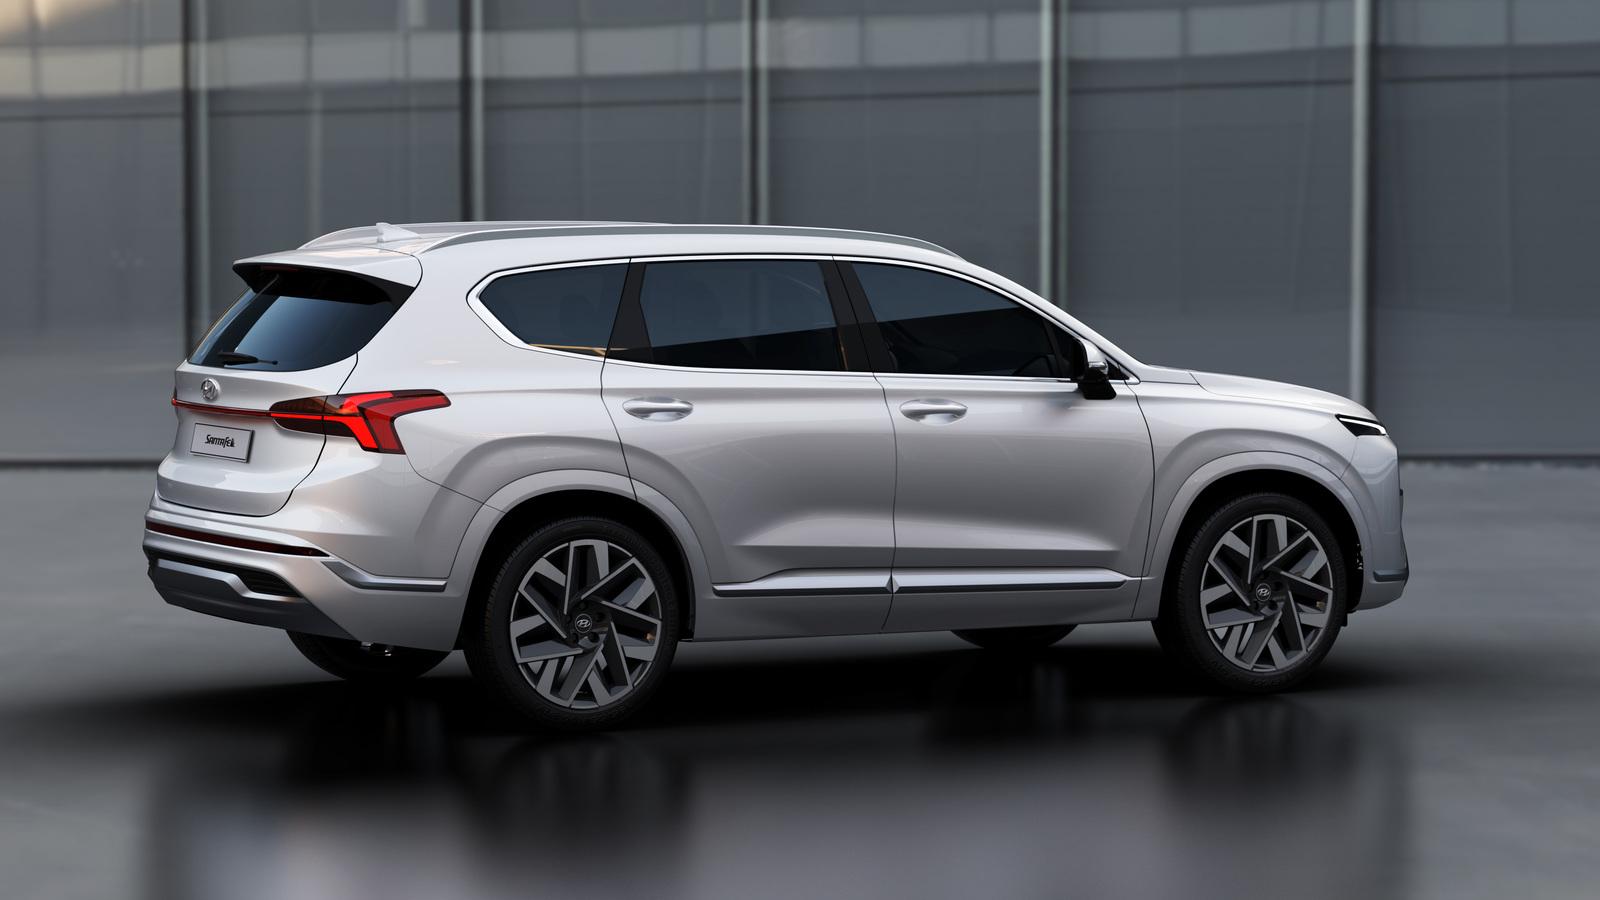 Hyundai представила обновленный кроссовер Santa Fe